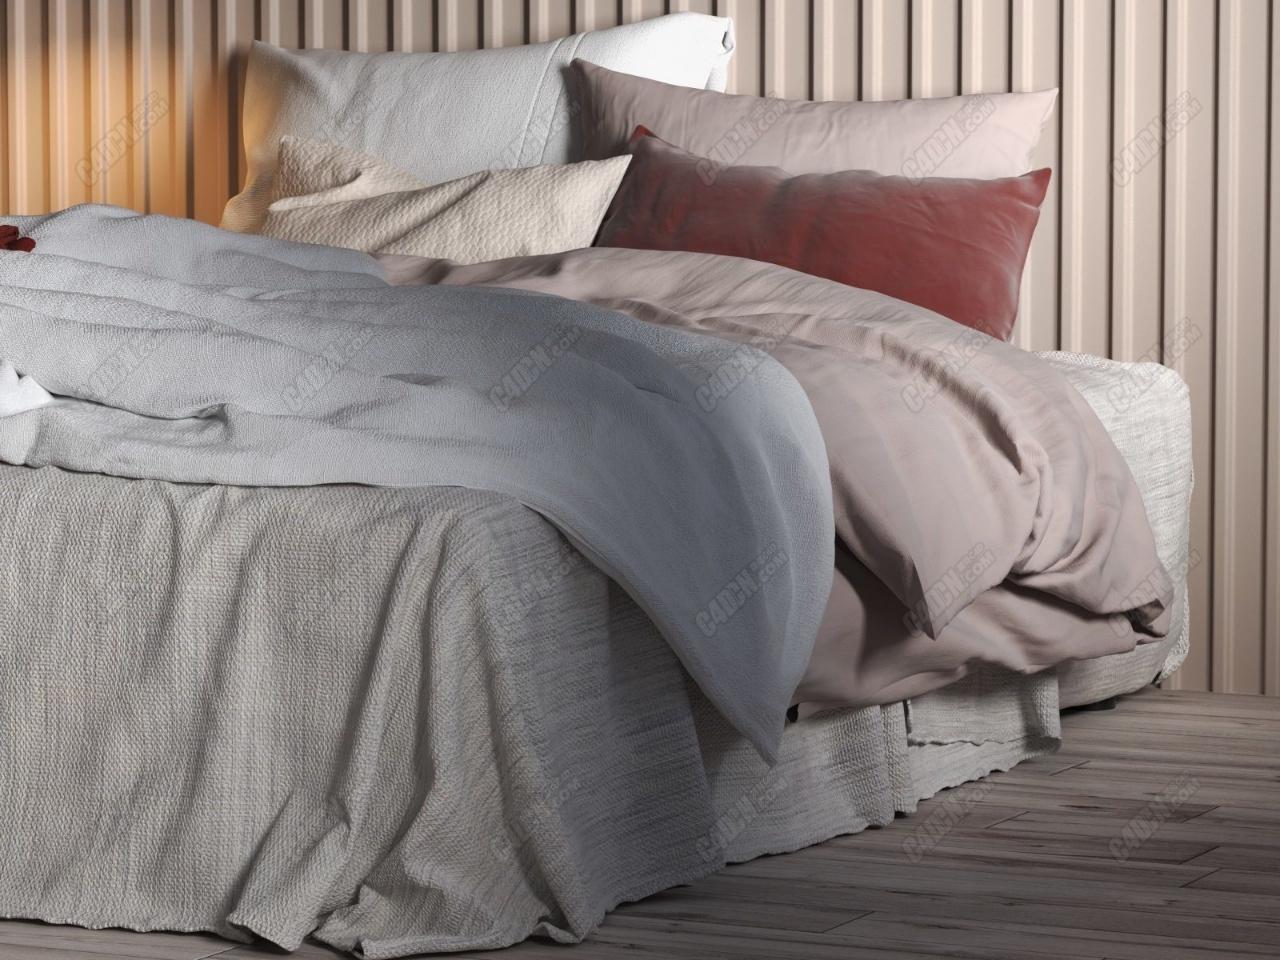 C4D室内工程模型-傍晚的打窗户卧室大双人床精品室内模型文件